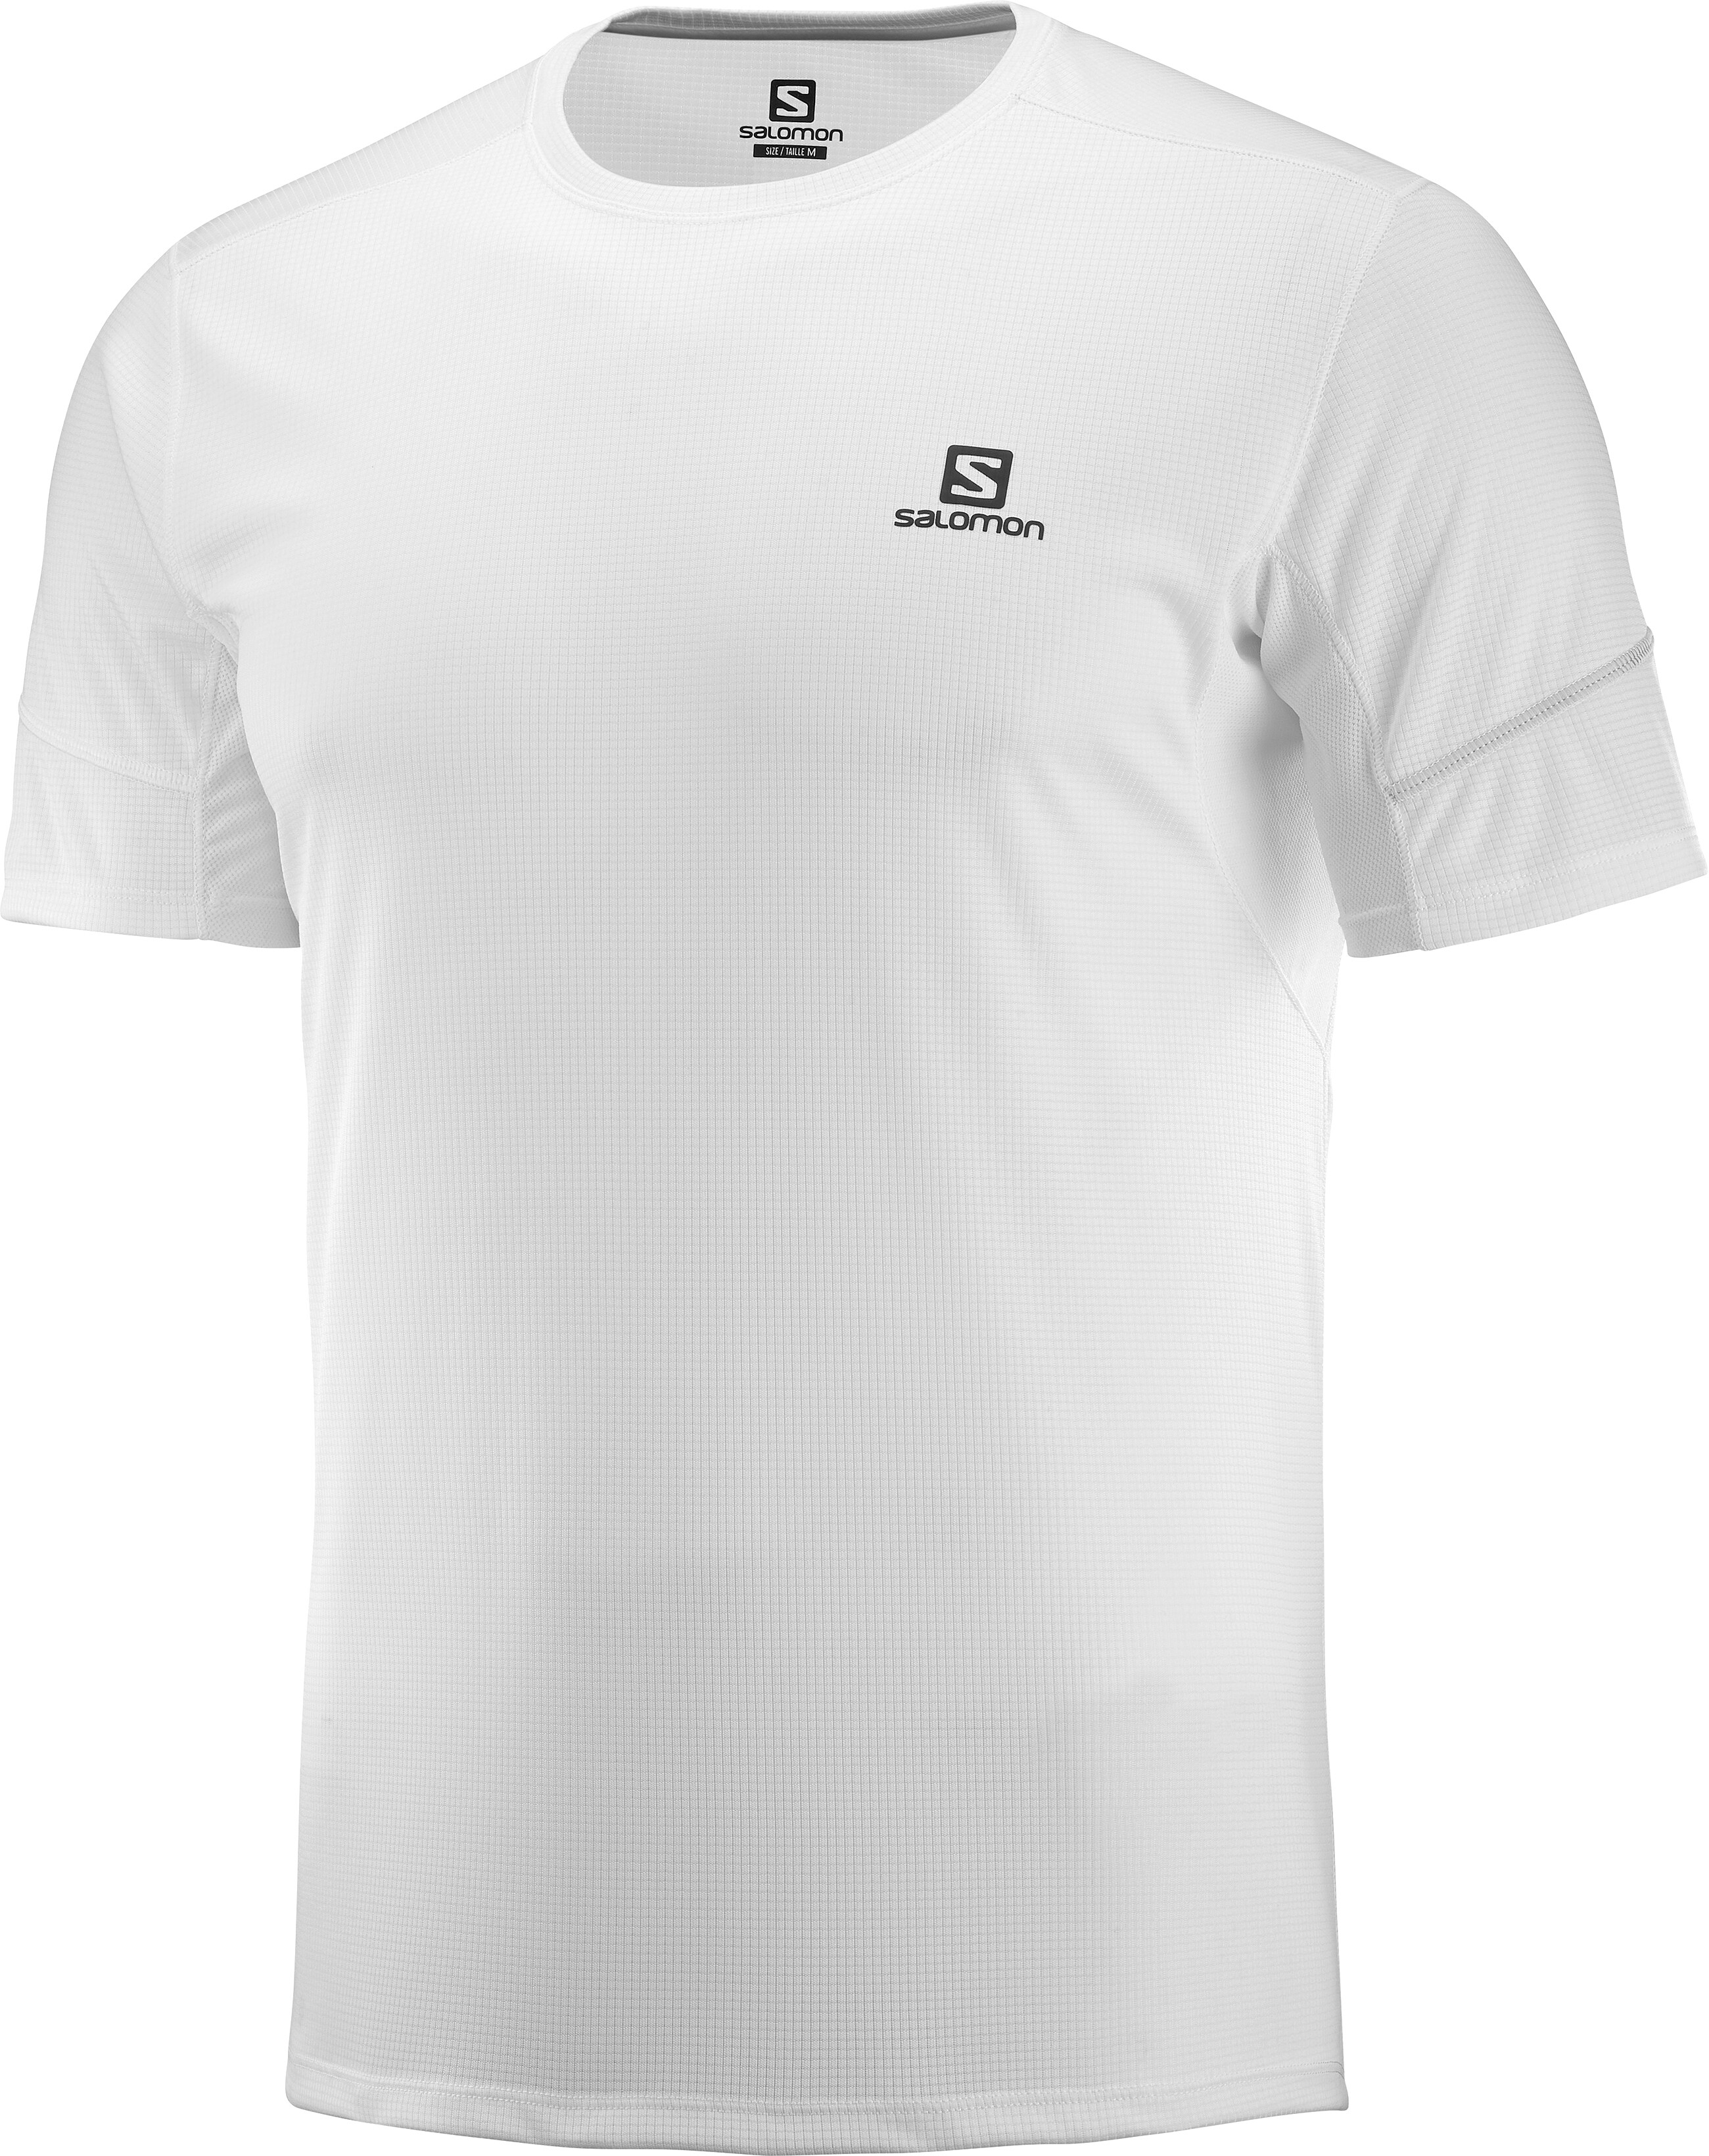 4b7e3fc7f1f82 Salomon Agile T-shirt Homme, white - Boutique de vélos en ligne ...